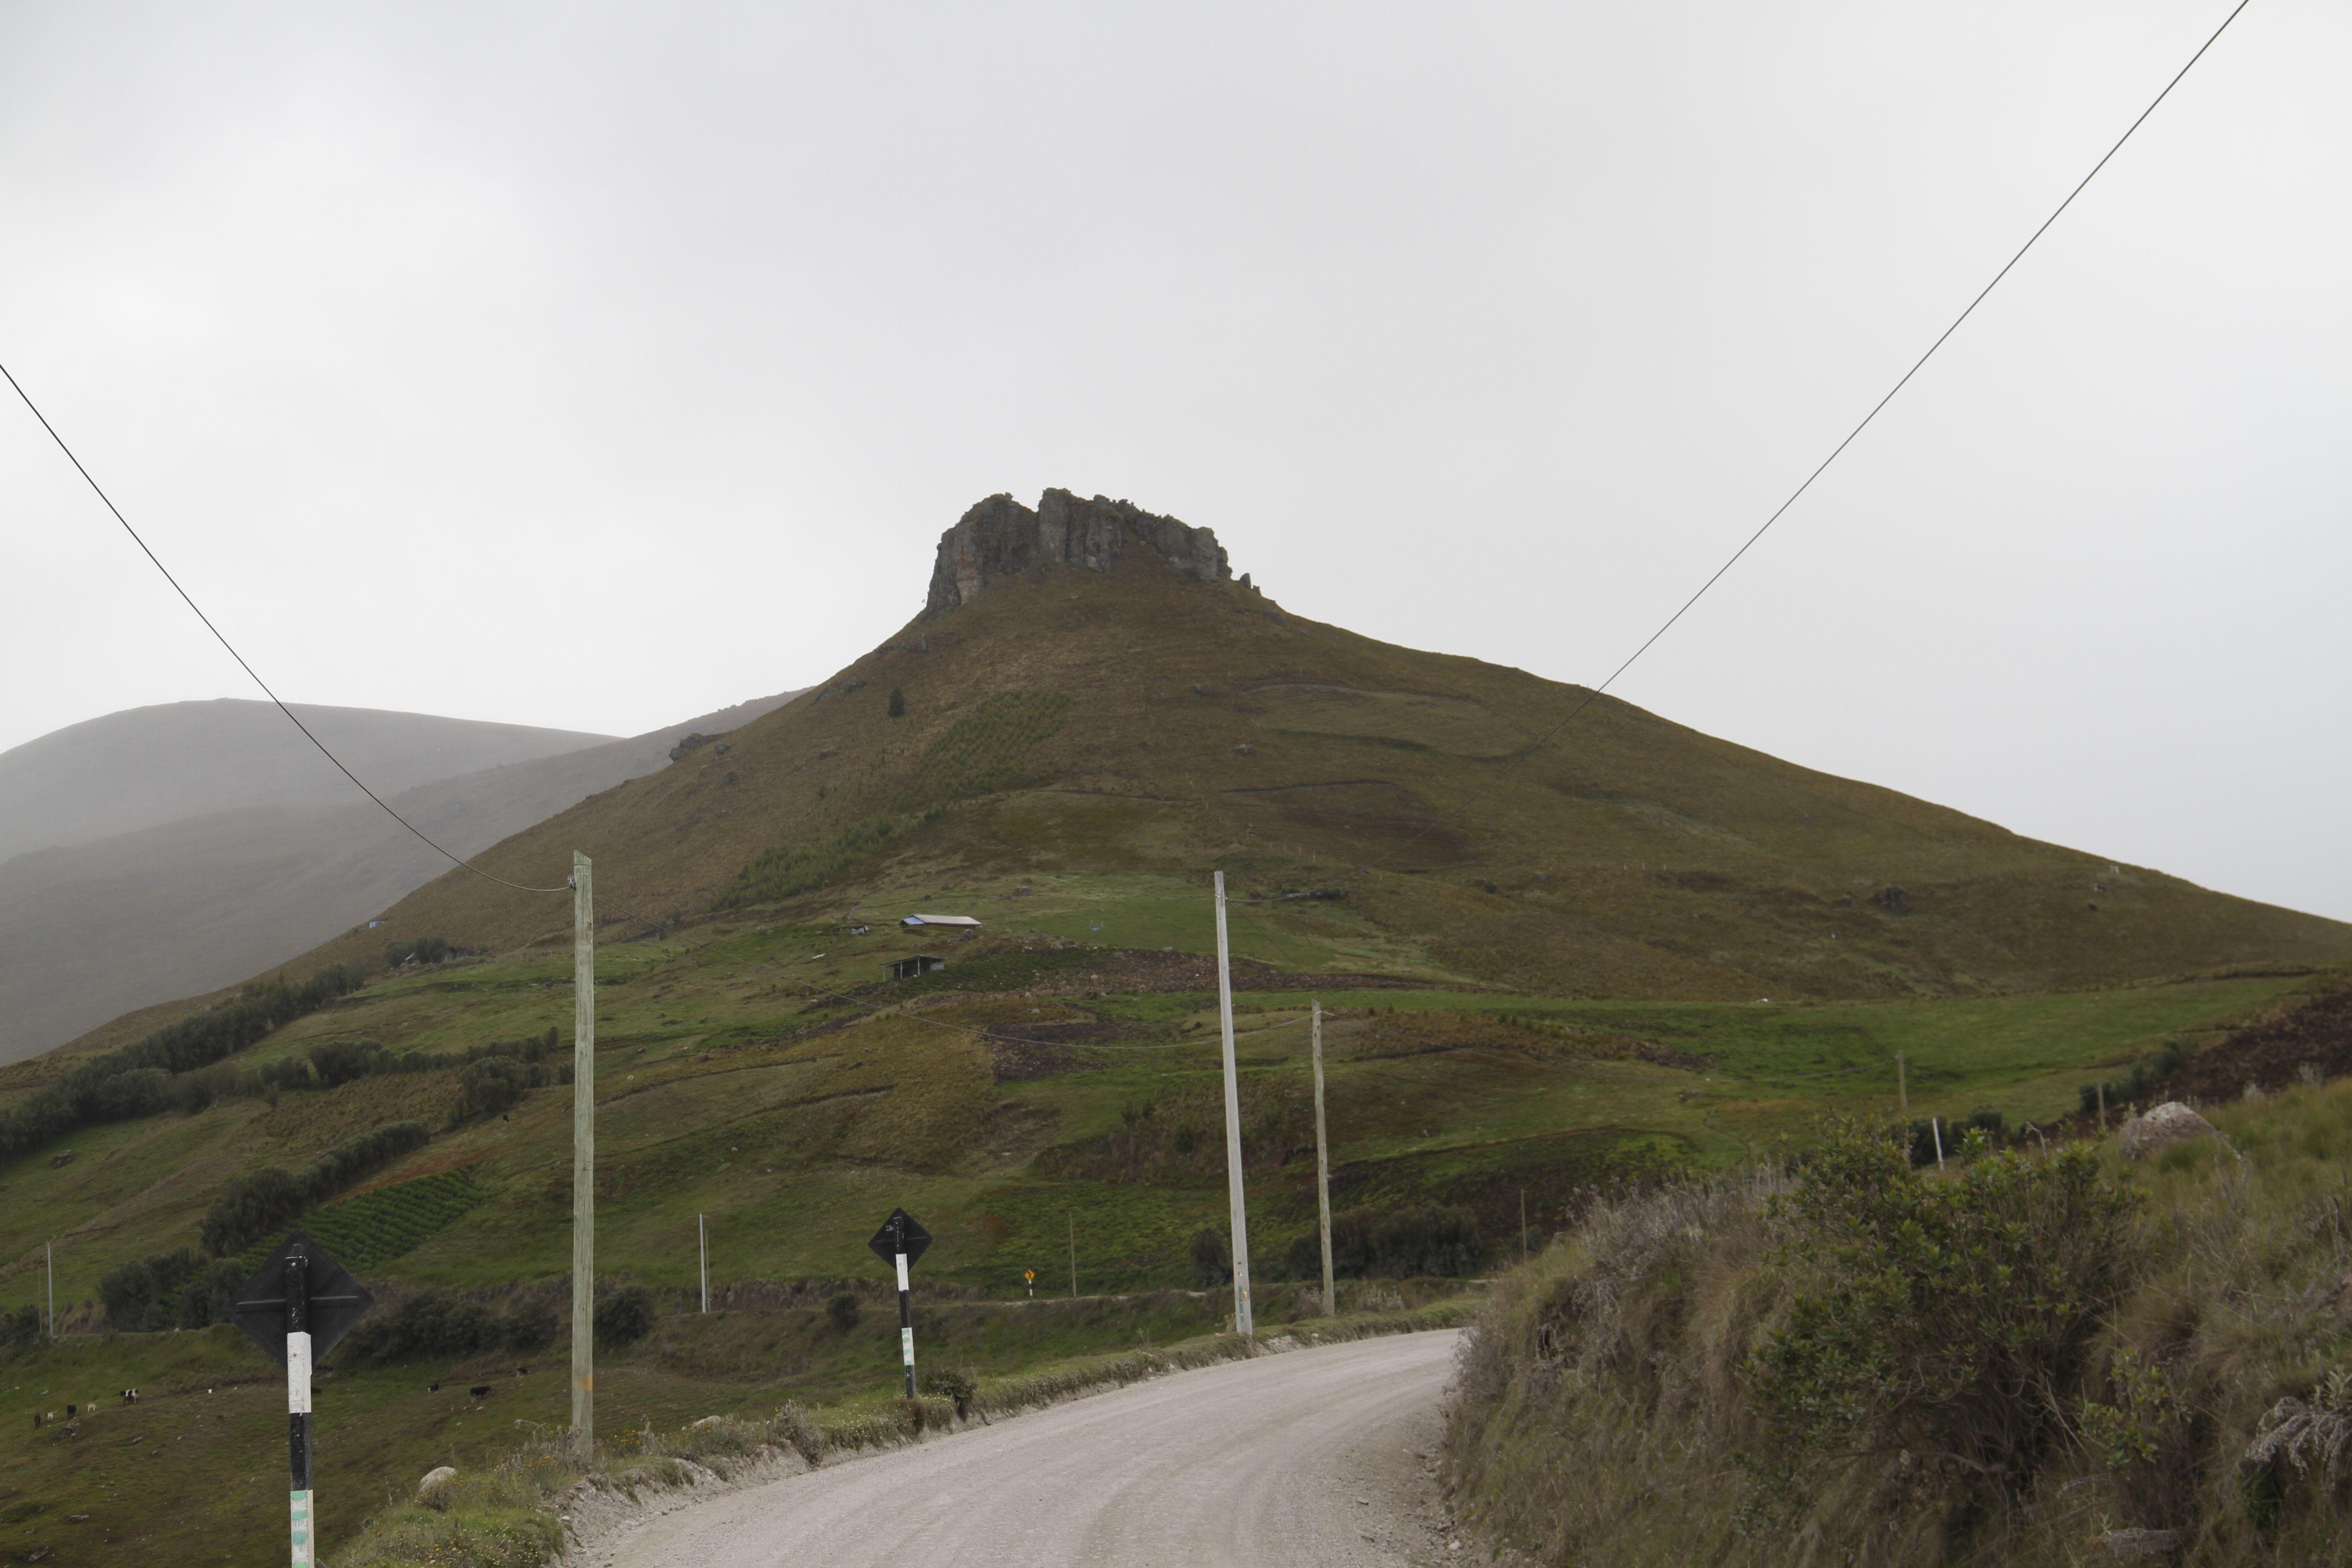 Curiosa formación que semeja un castillo en la punta de un cerro, cerca a Hualgayoc - Perú.